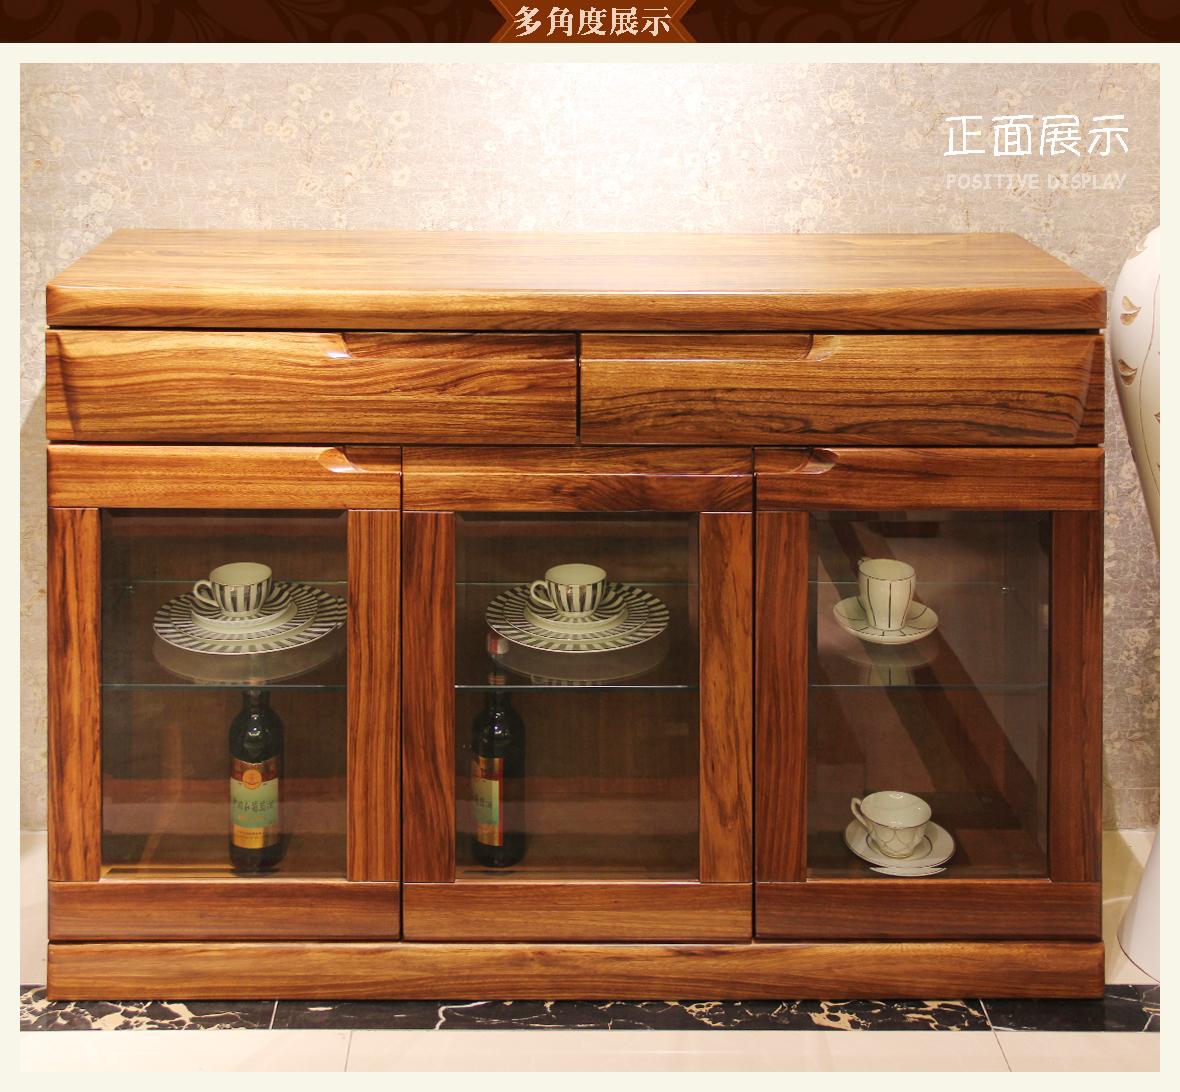 赖氏家具 乌金木餐边柜wjy02型号 进口实木 现代简约